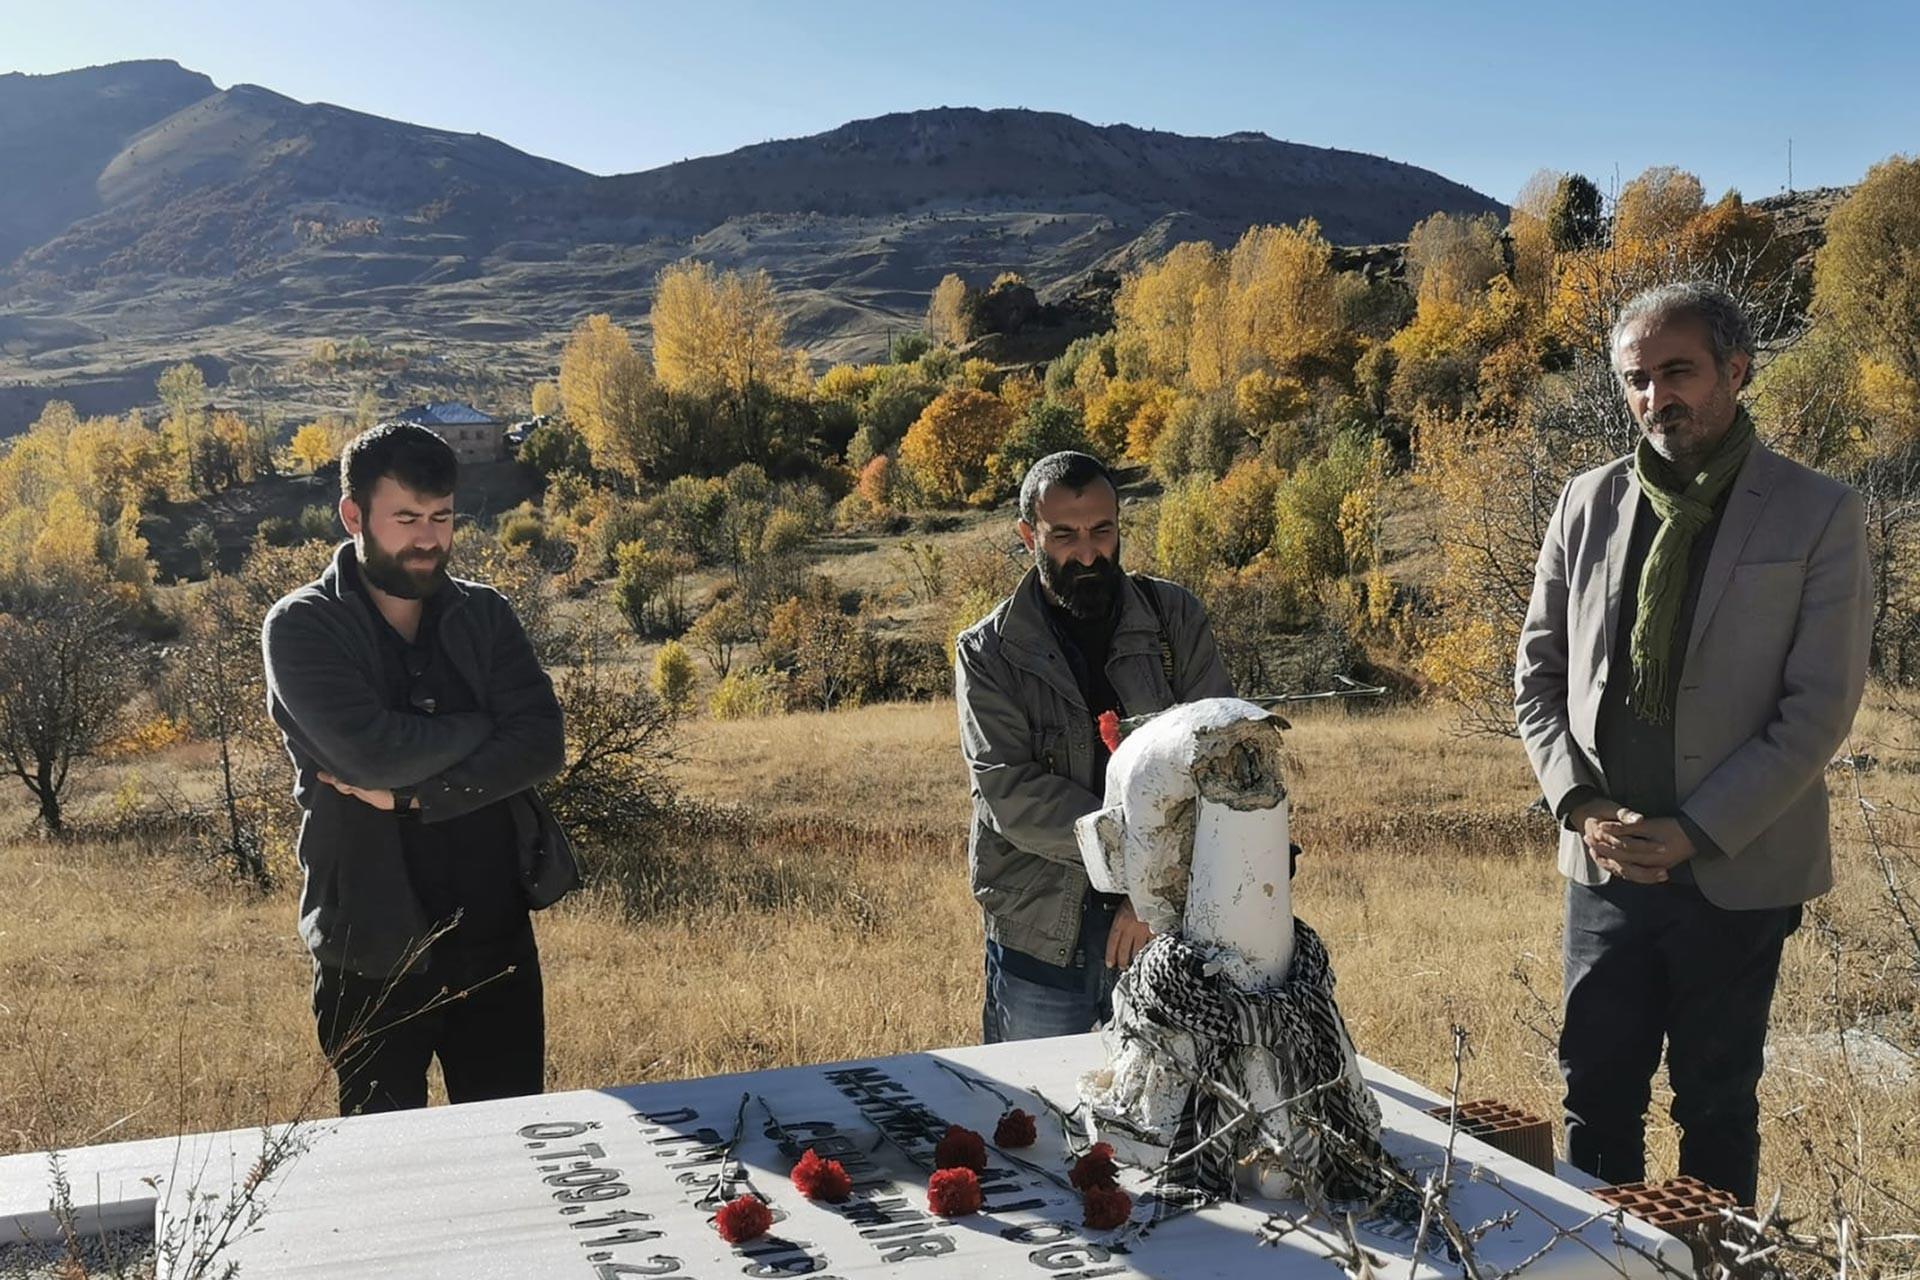 Van'da 2011 yılında meydana gelen depremde hayatını kaybeden Cem Emir, Dersim'deki mezarının başında meslektaşları tarafından anıldı